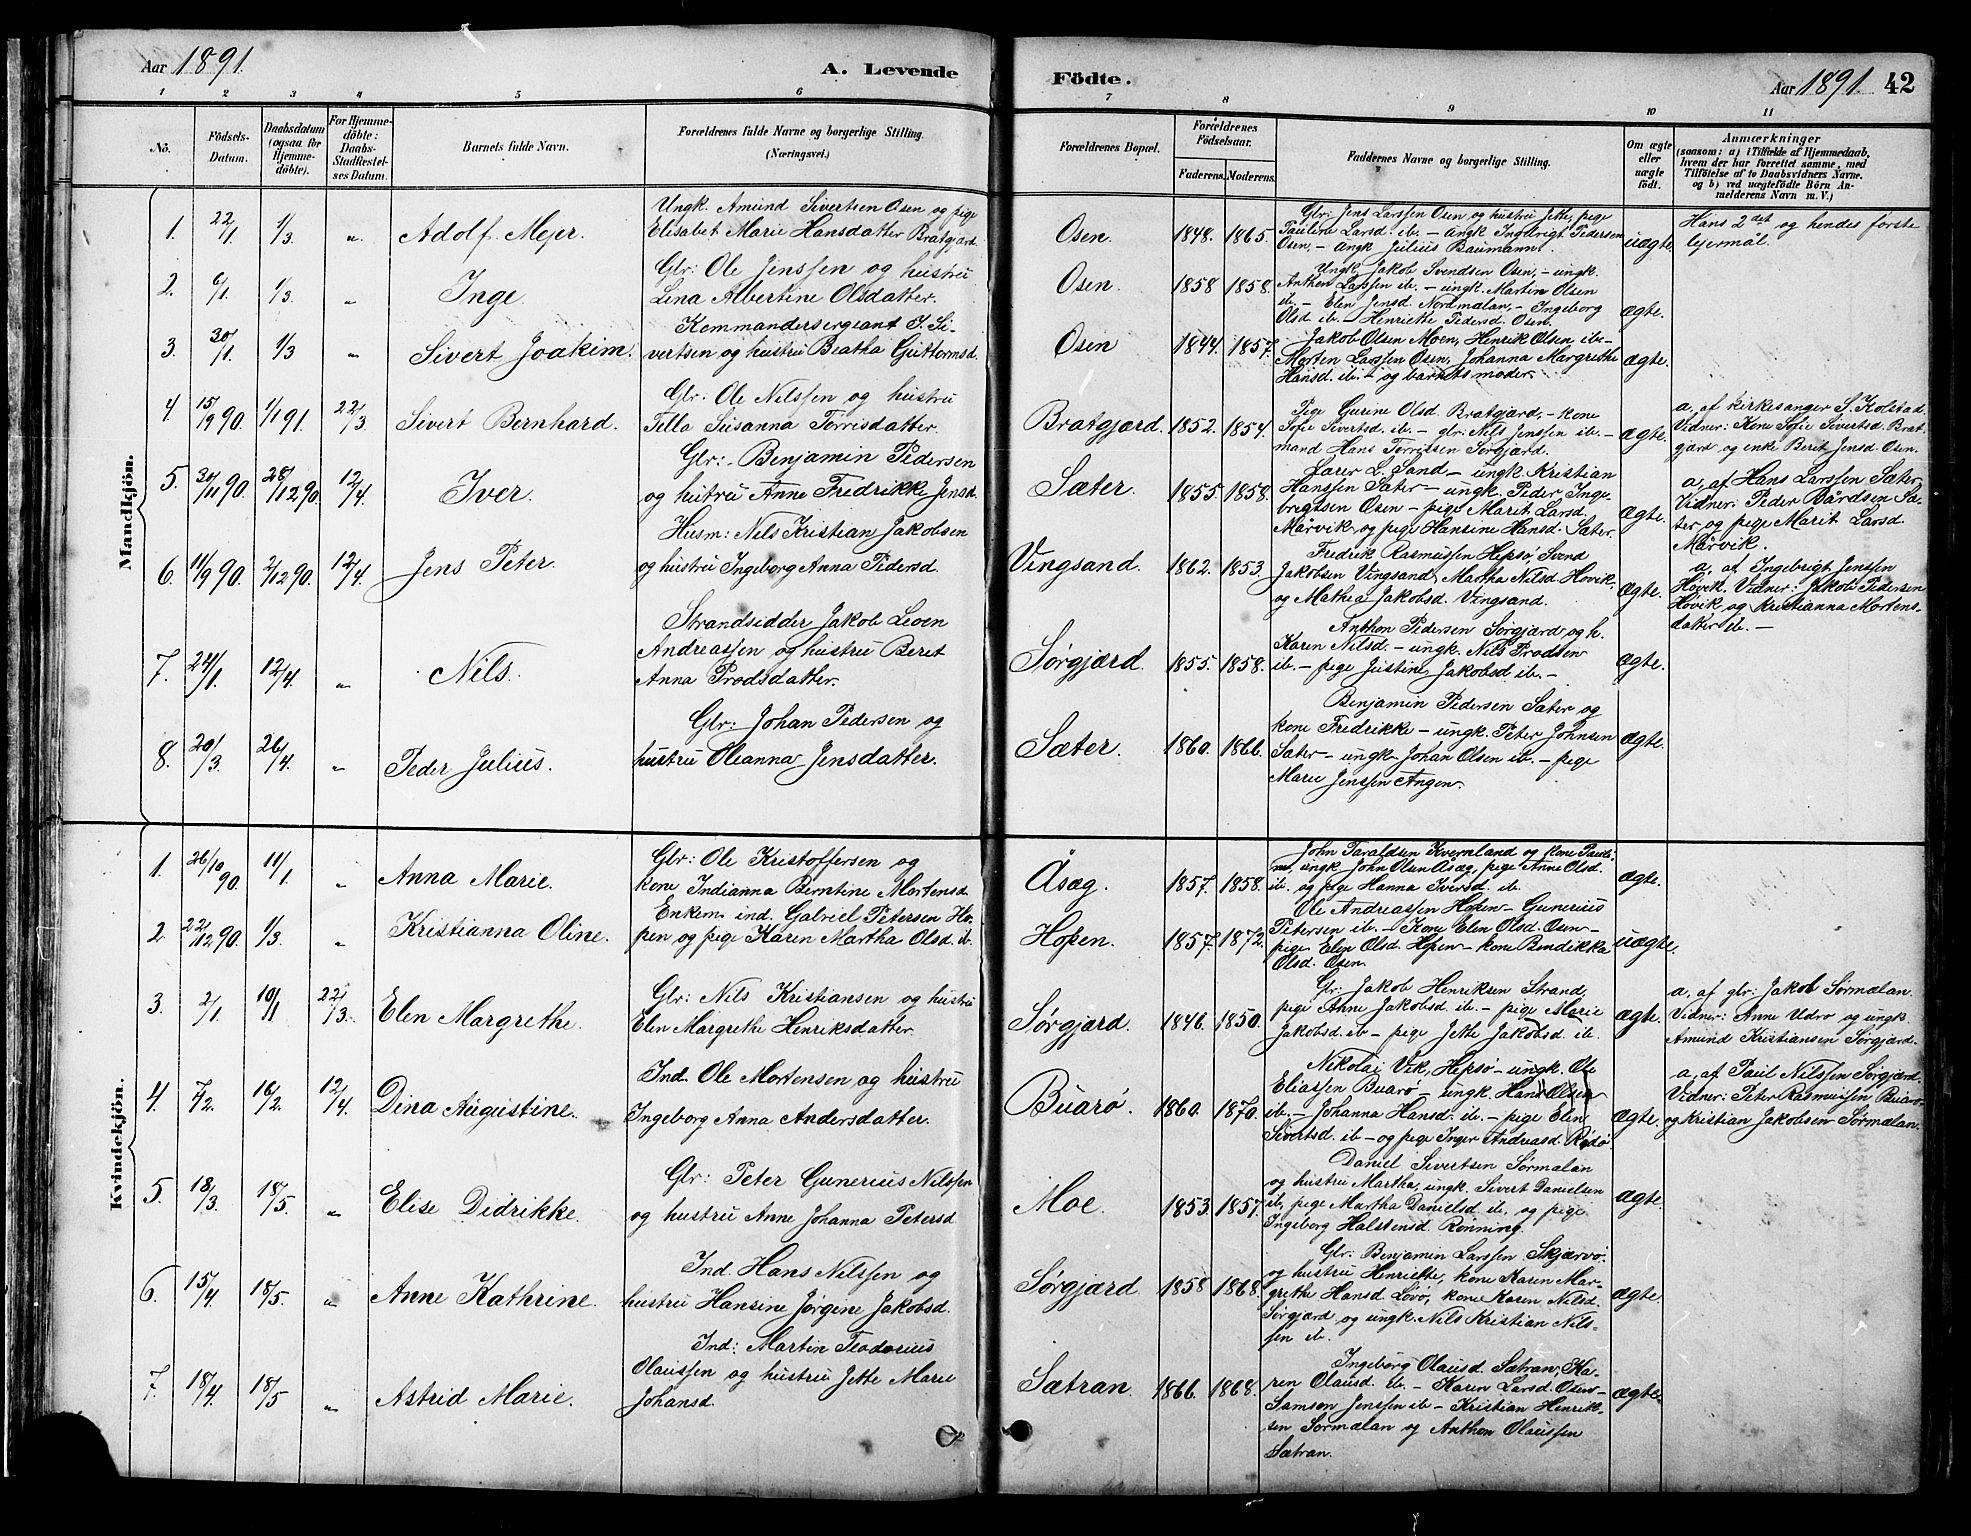 SAT, Ministerialprotokoller, klokkerbøker og fødselsregistre - Sør-Trøndelag, 658/L0726: Klokkerbok nr. 658C02, 1883-1908, s. 42